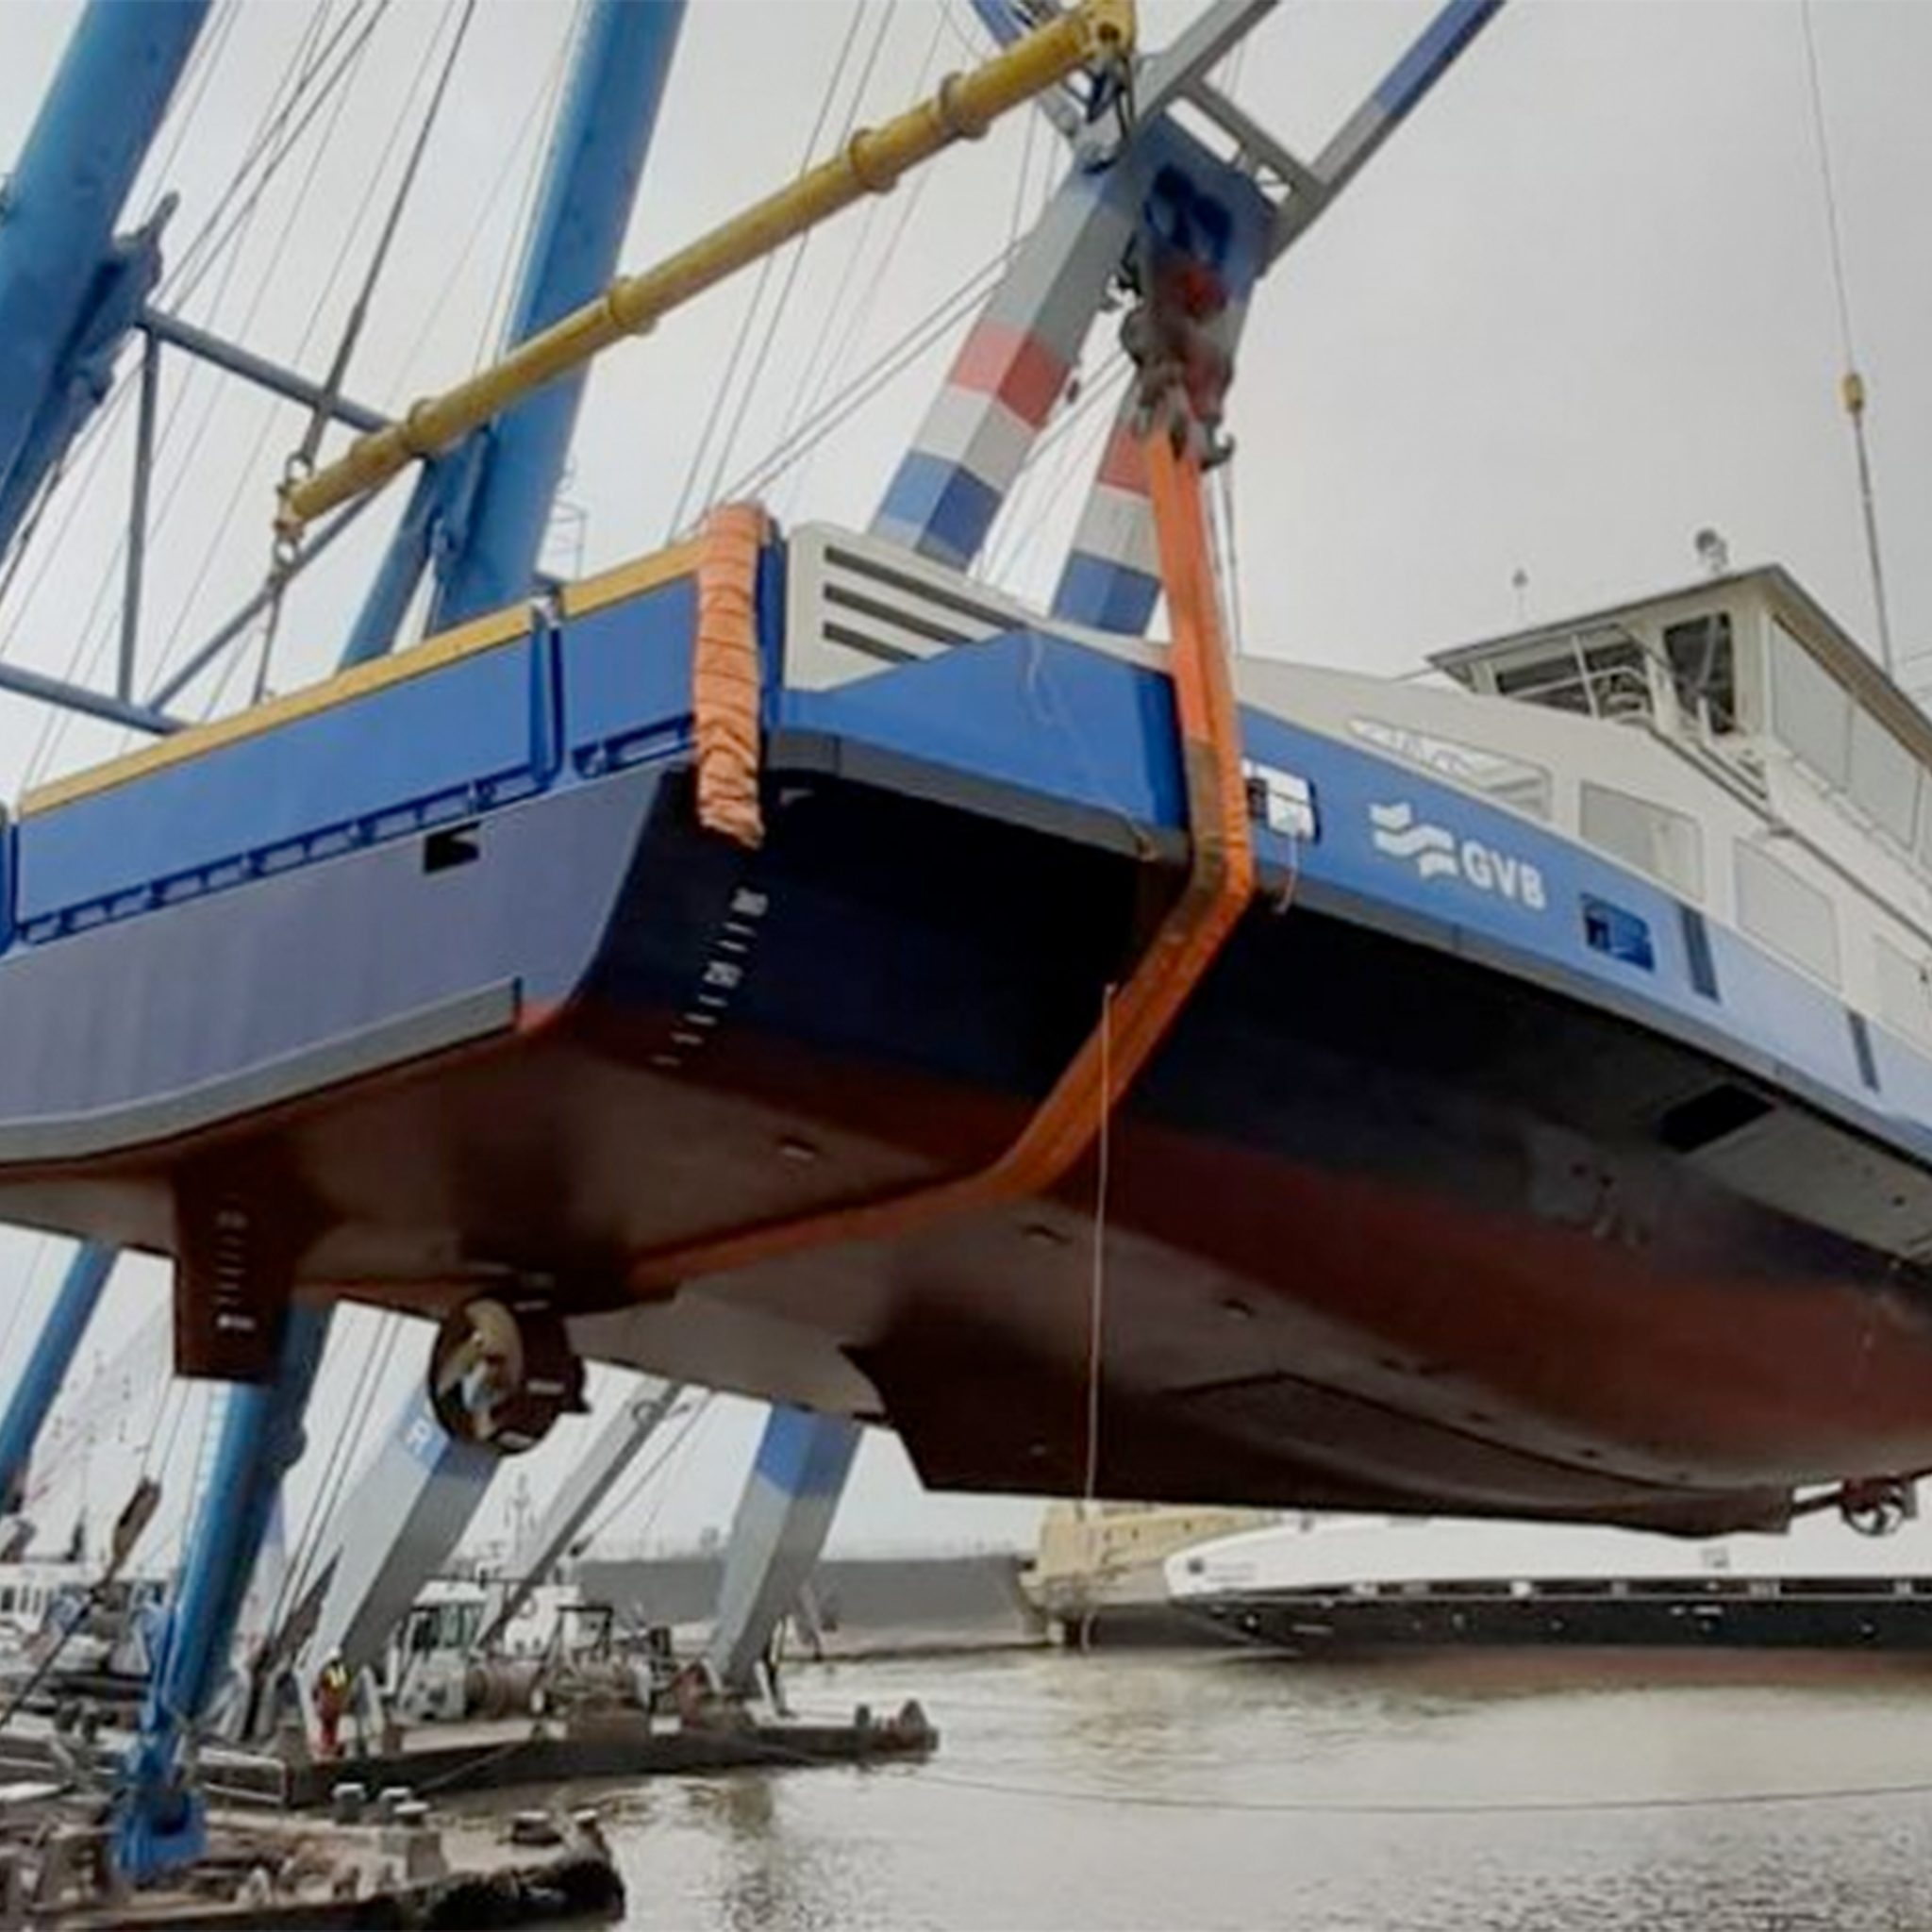 De tewaterlating van NZK Pont 100 van het GVB op de werf van de Holland Shipyards Group. (Foto GVB)